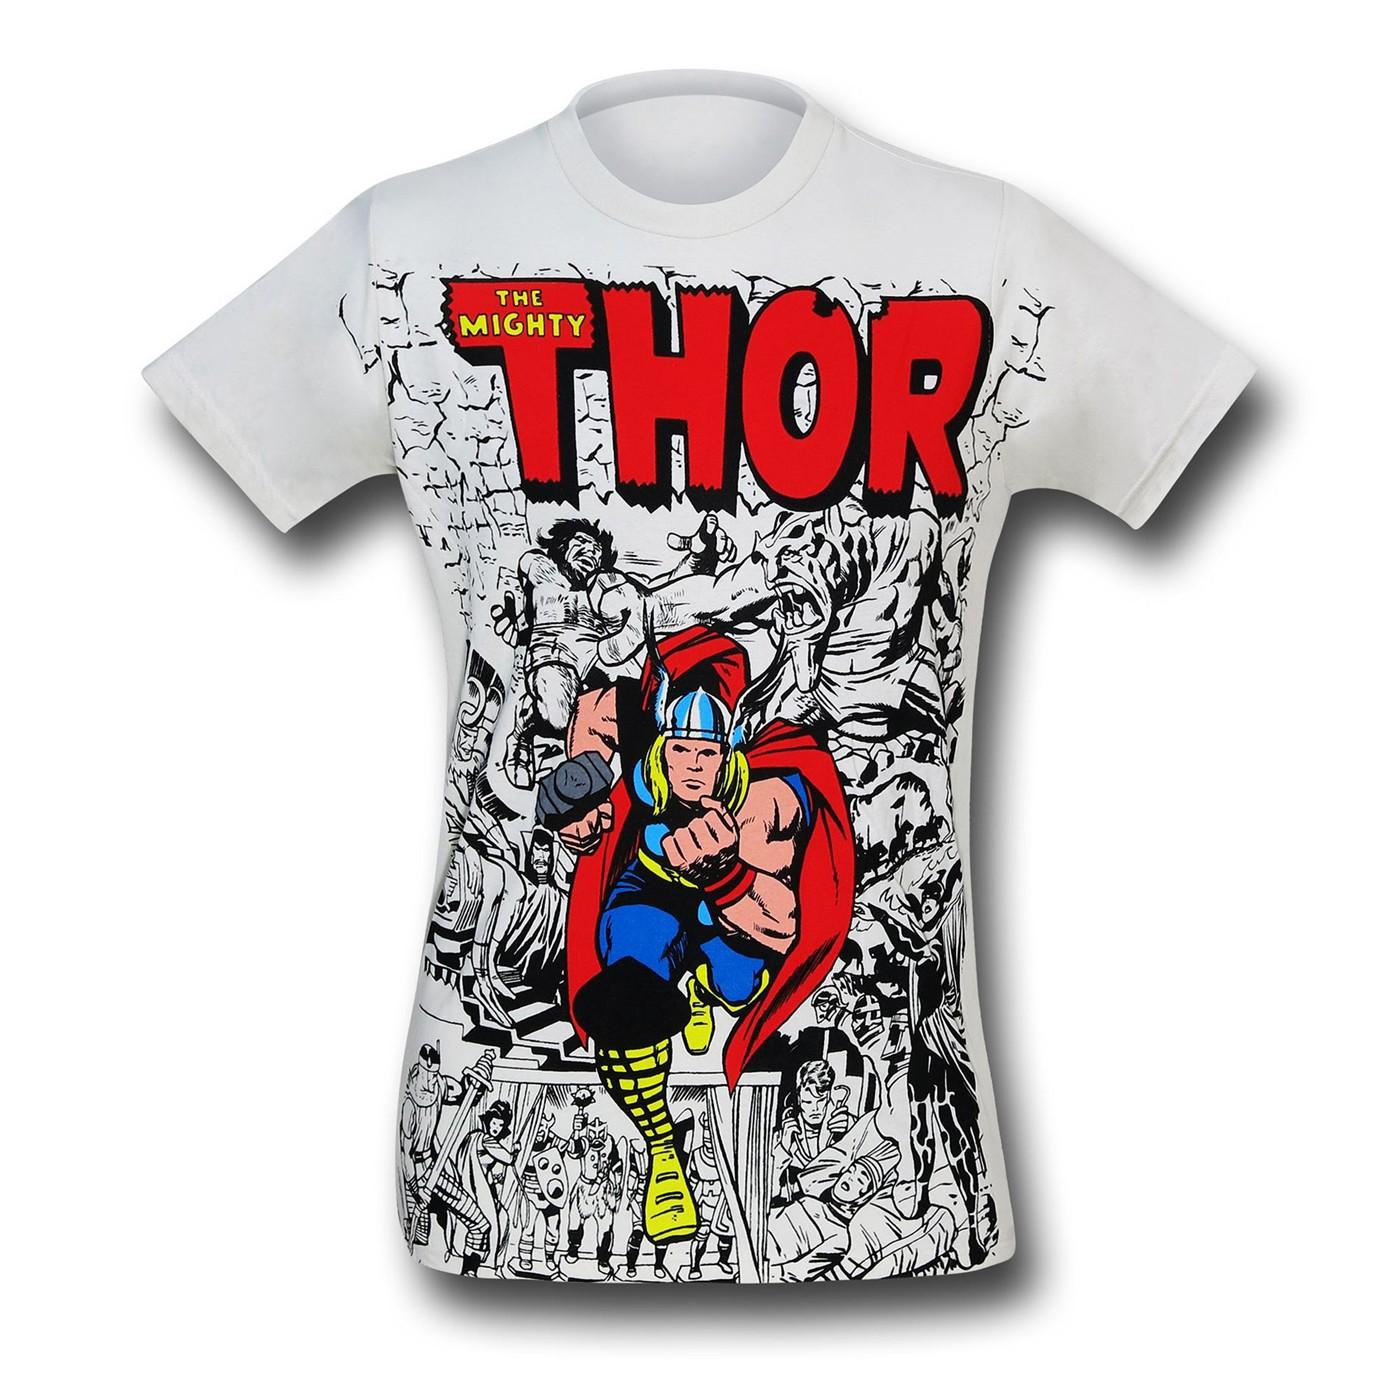 Thor #154 Cover Tri-Blend T-Shirt